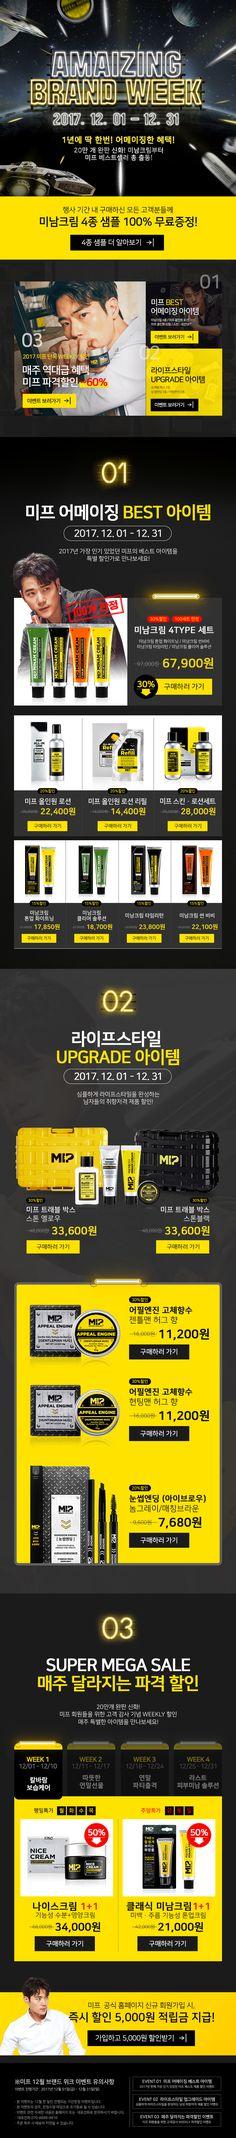 미프:미남프로젝트 - [어메이징 브랜드 위크] 1년에 딱 한번! 어메이징한 혜택! SUPER MEGA SALE [17.12.01 ~ 17.12.31] 뉴스/이벤트 - 미프